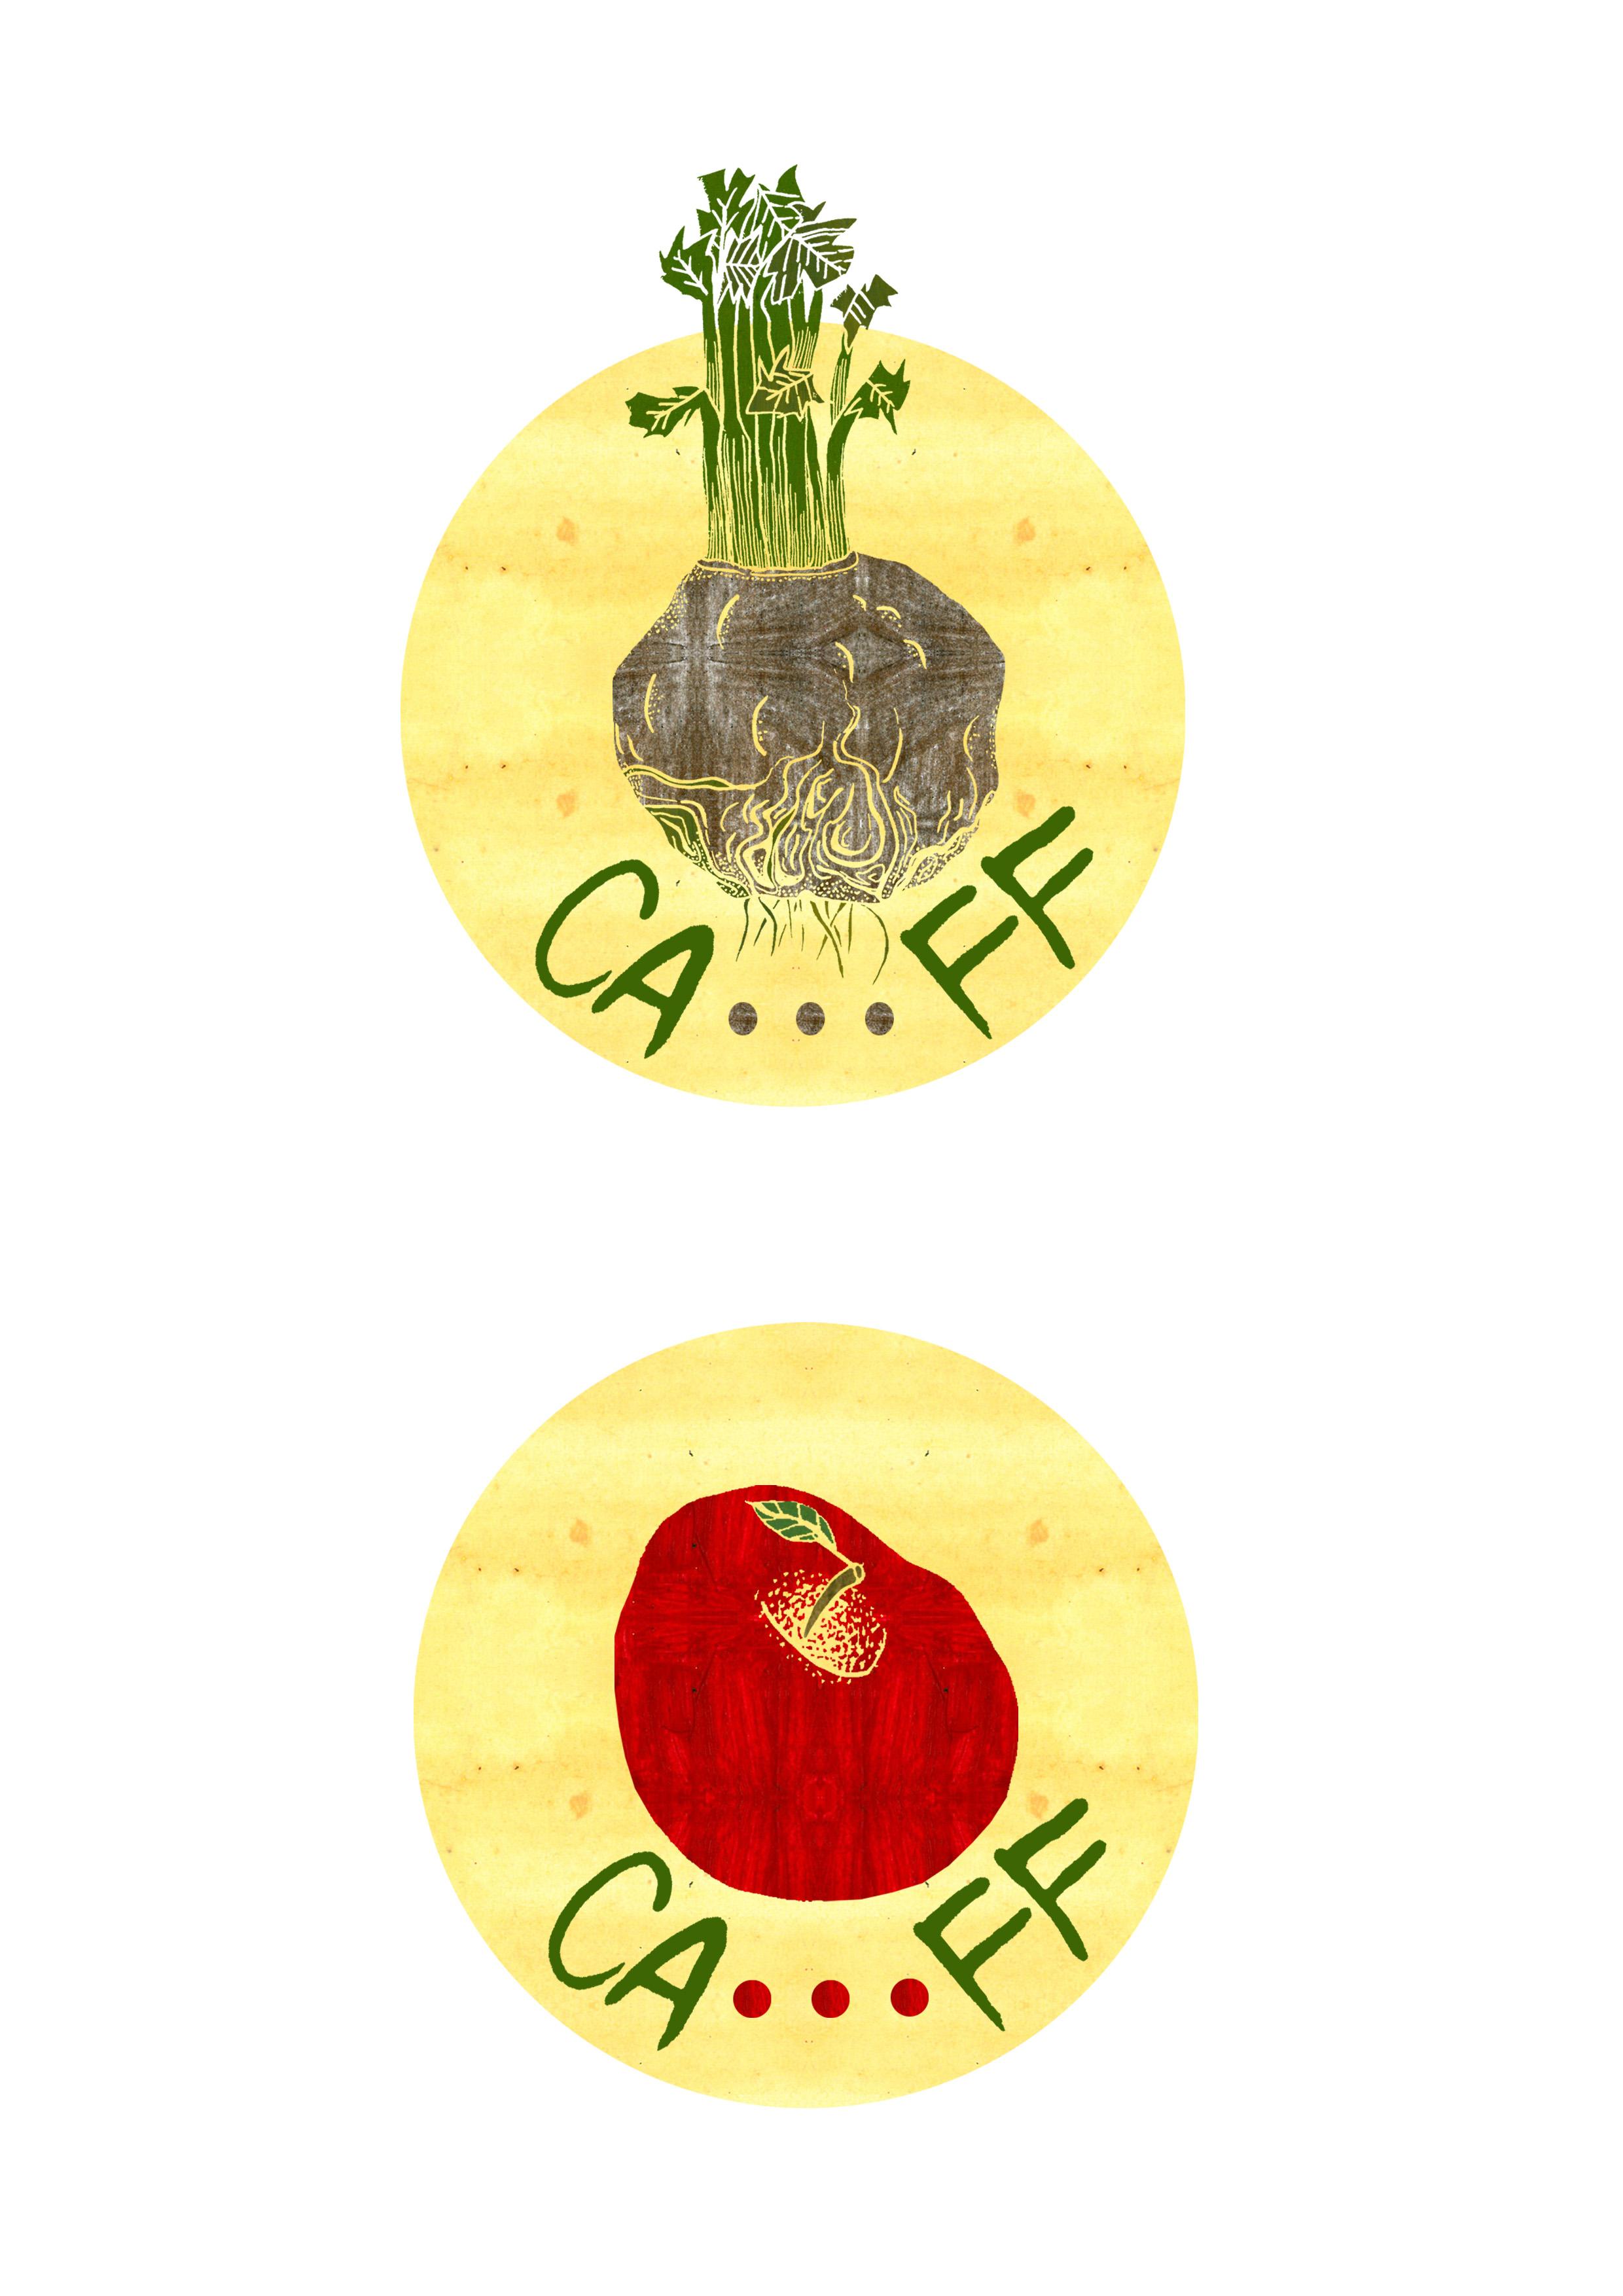 caff_logoforsøg